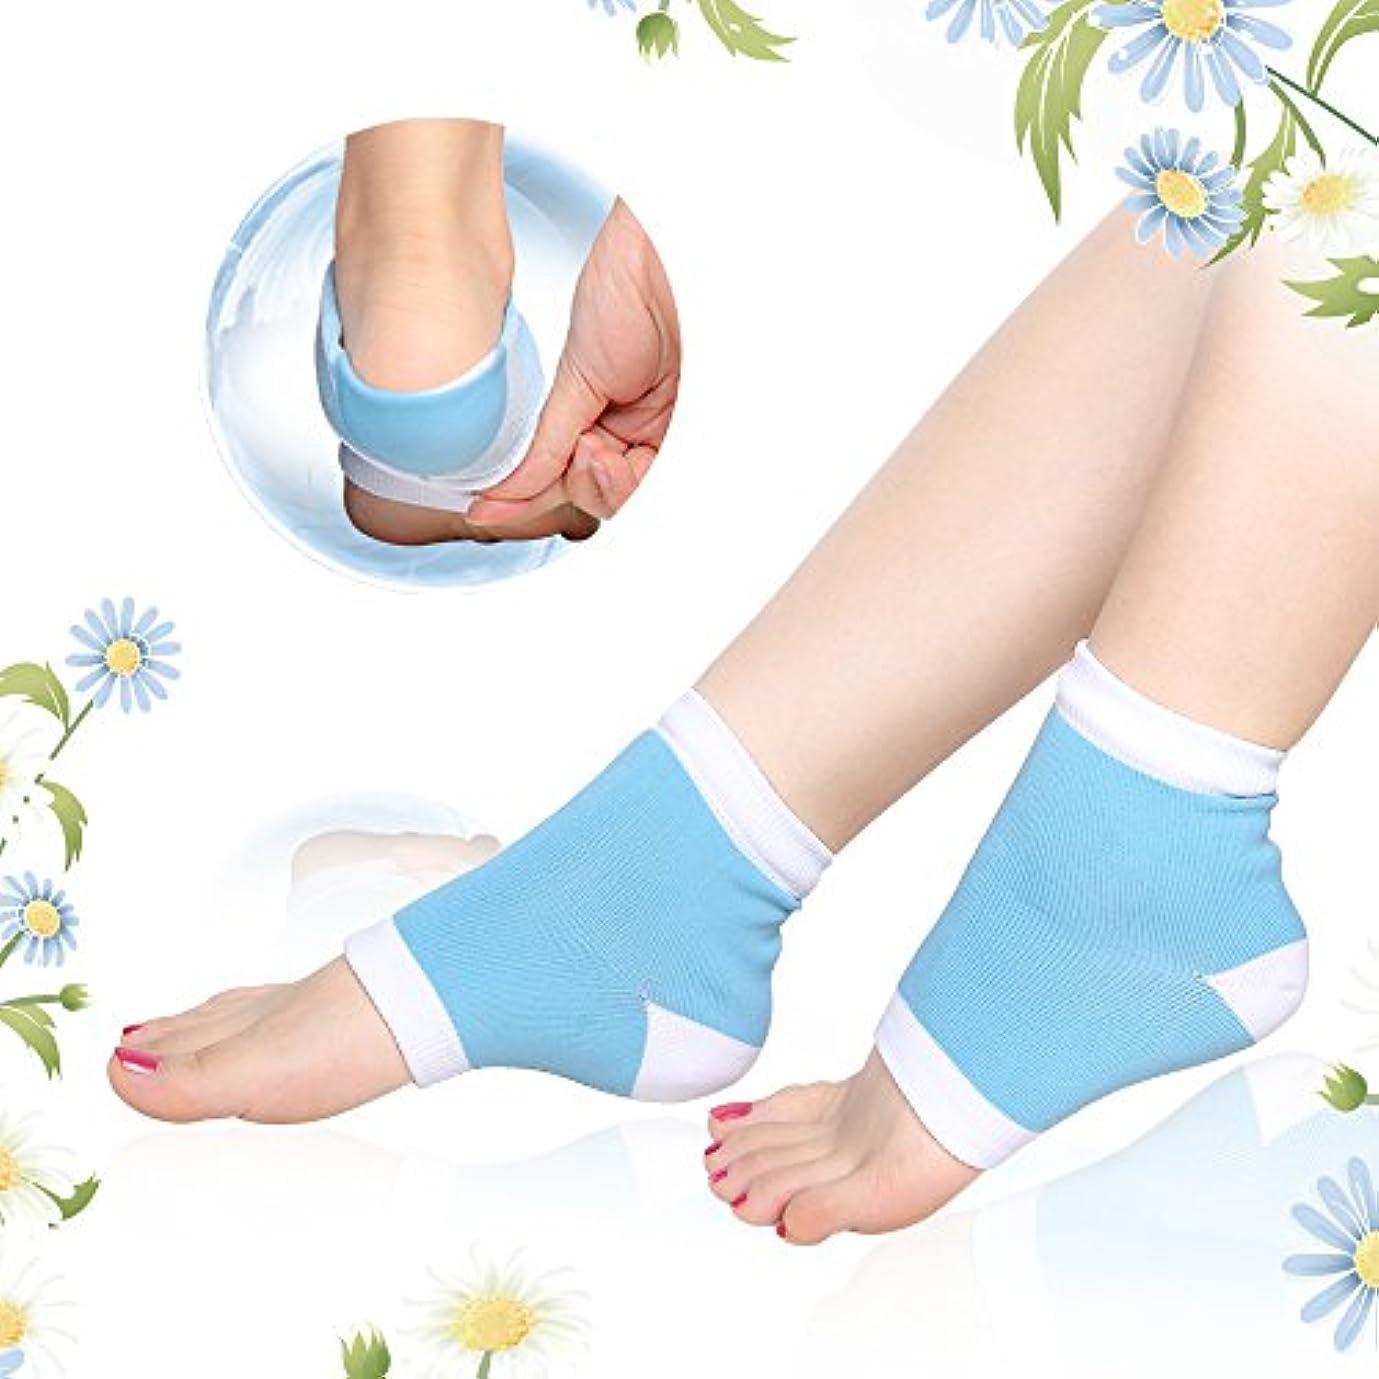 呪いパワーセルショートかかとケア 靴下, ひび/角質ケア 保湿 ソックス うるおい 足首用サポーター フットケア グッズ ヨガソックス 左右セット フリーサイズ By Dr.Orem